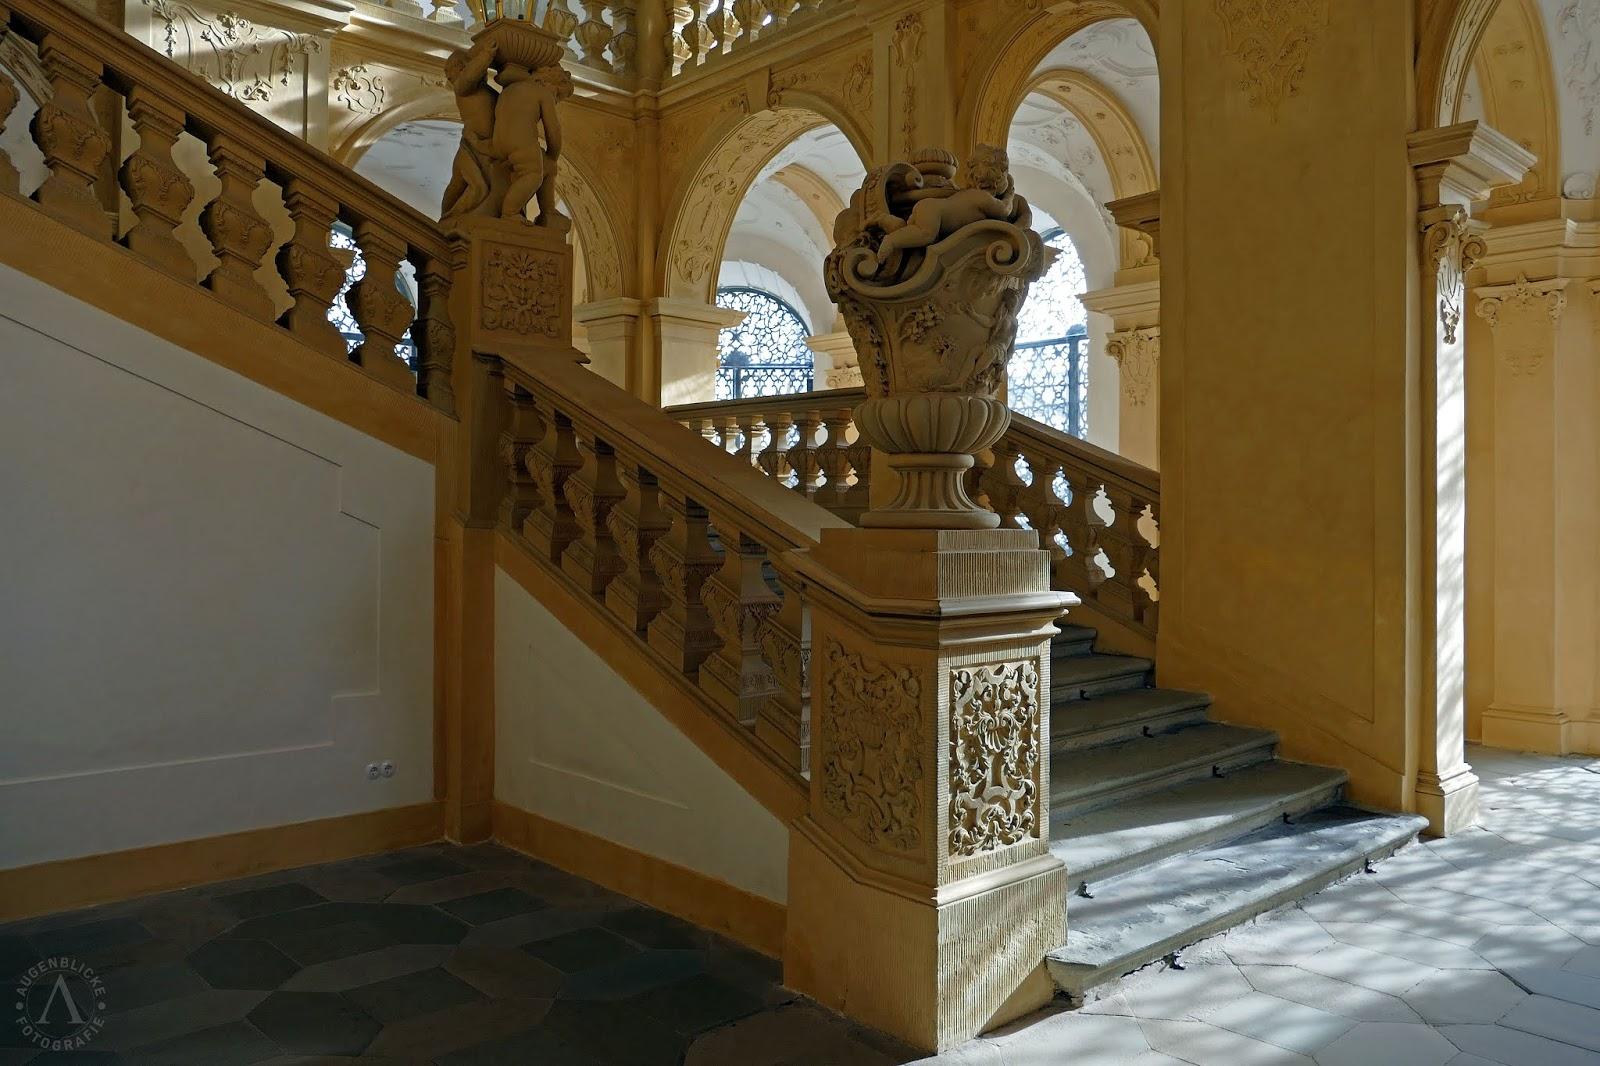 Augenblicke Fotografie Besuch In Schloss Weissenstein